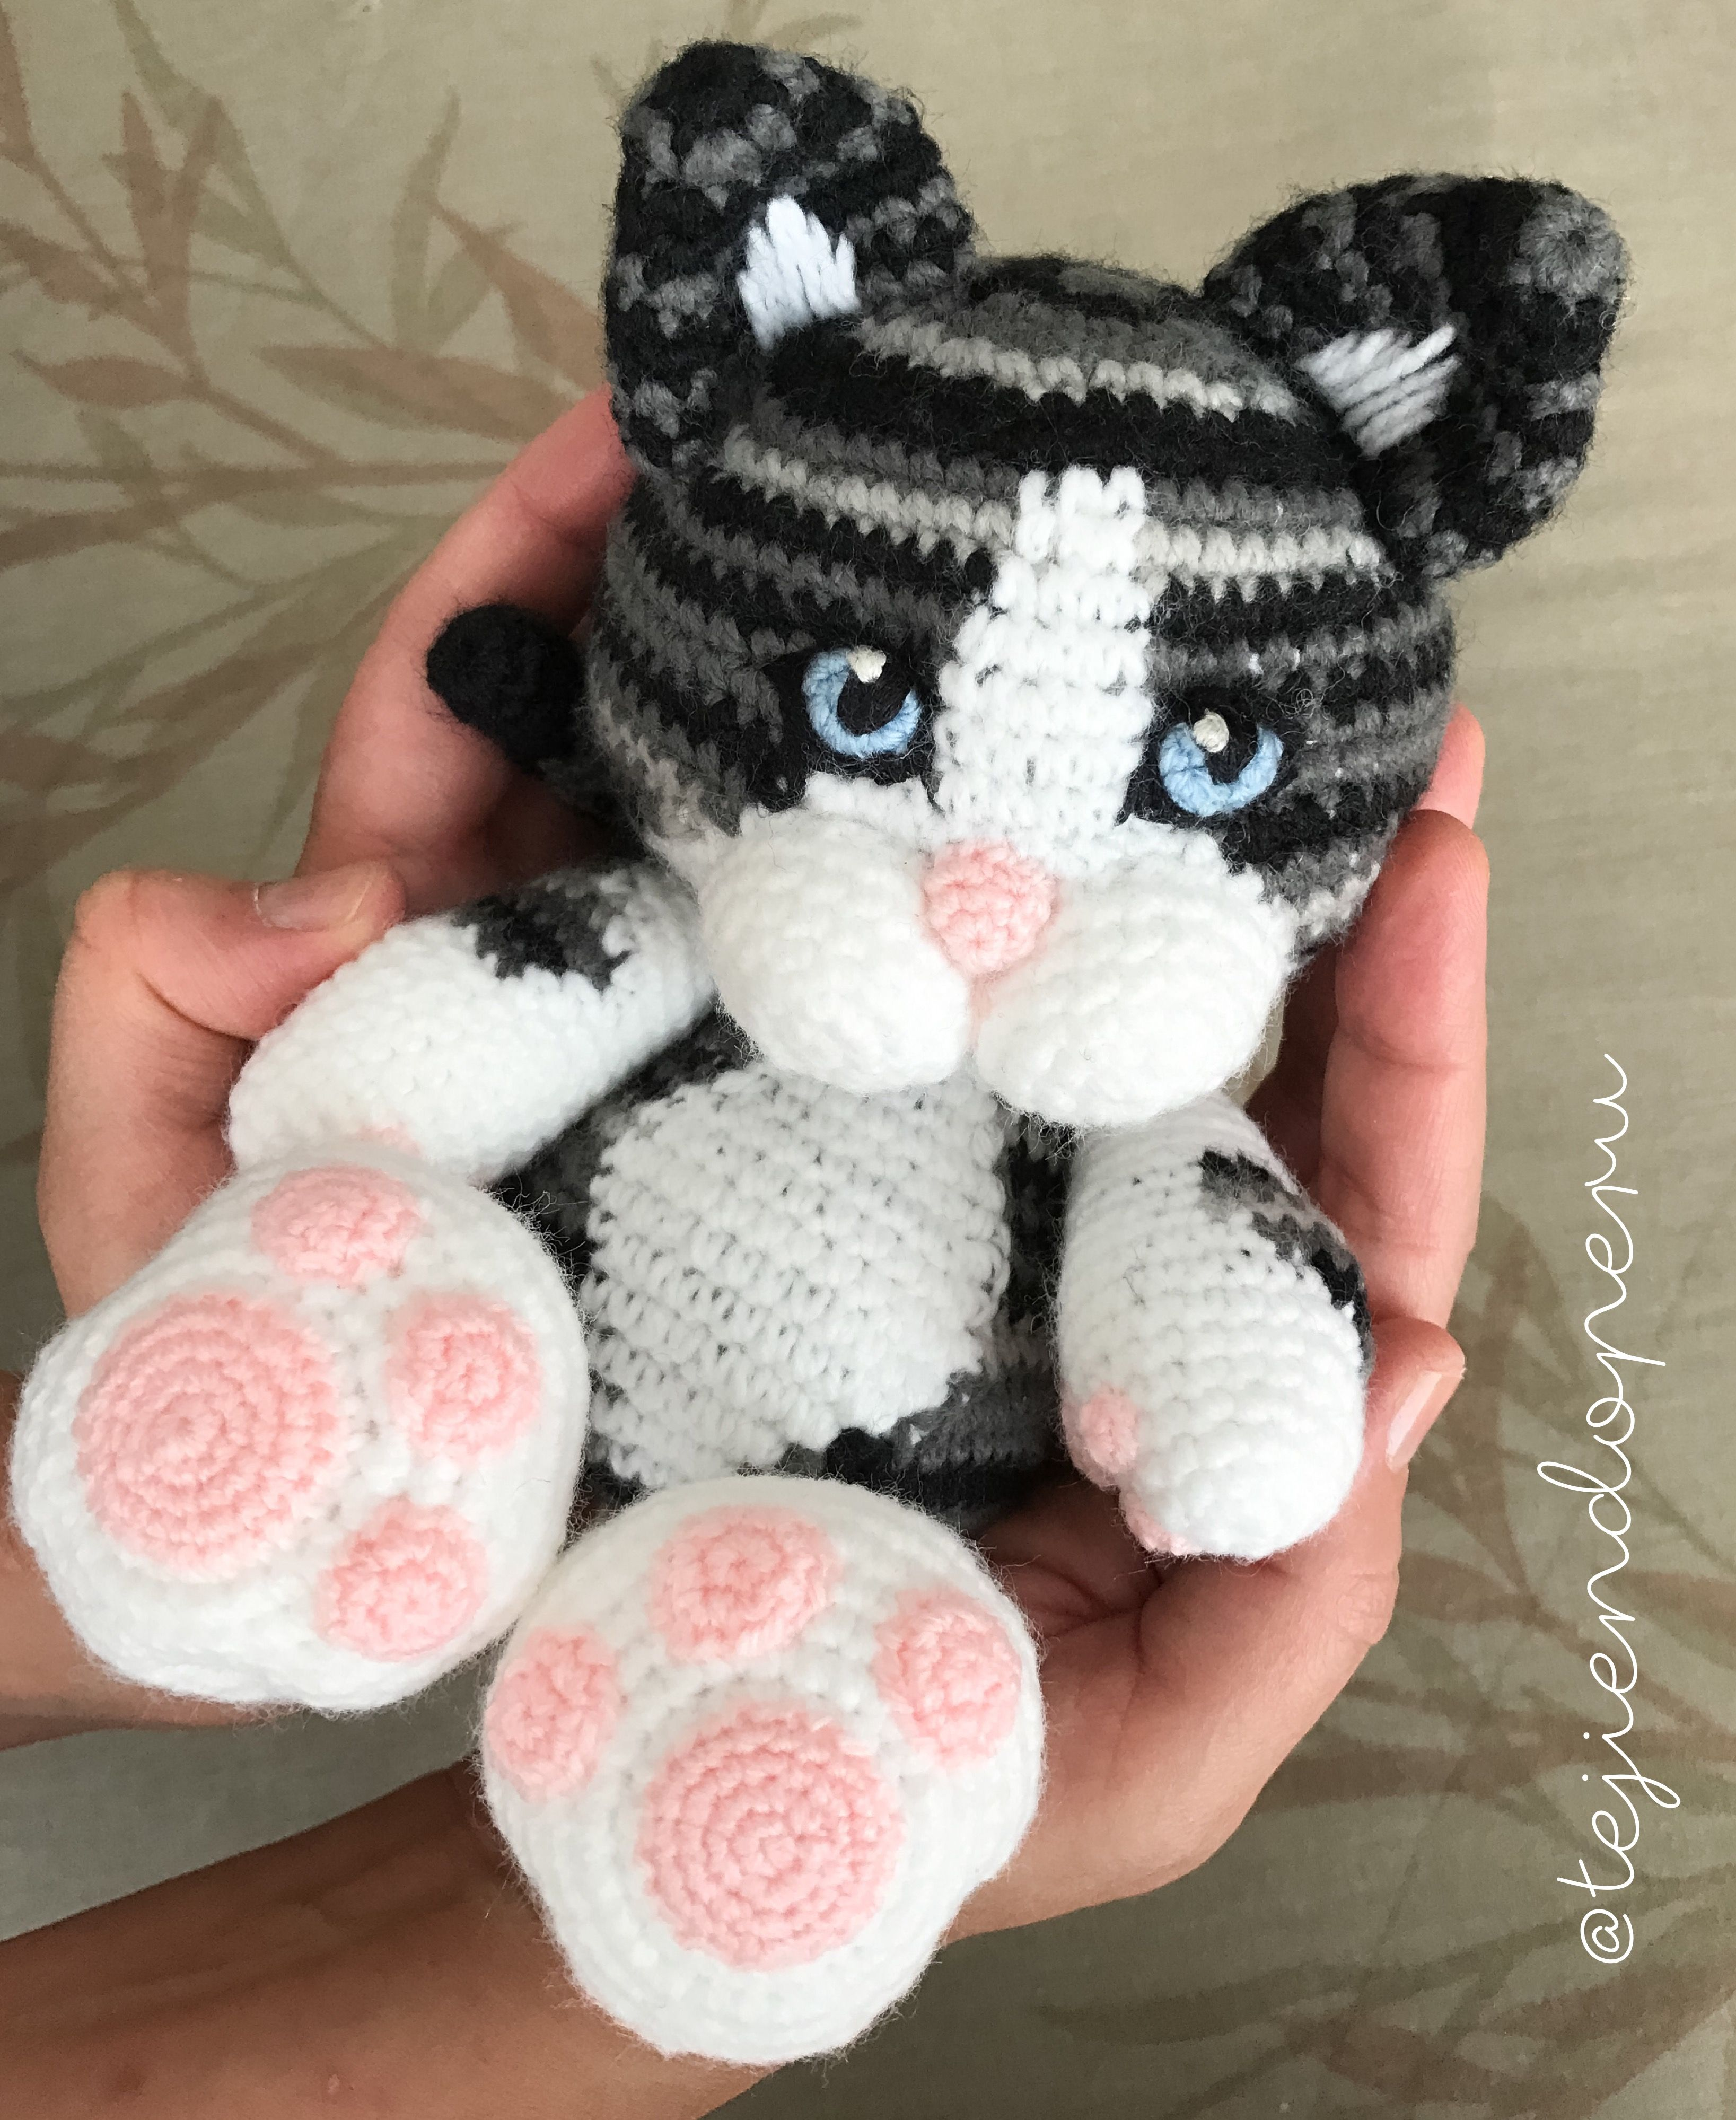 Nuestra gatita Micha en amigurumi Adaptamos el patrón para regalársela a  Lorena! Amigurumi cat 7a44475390a